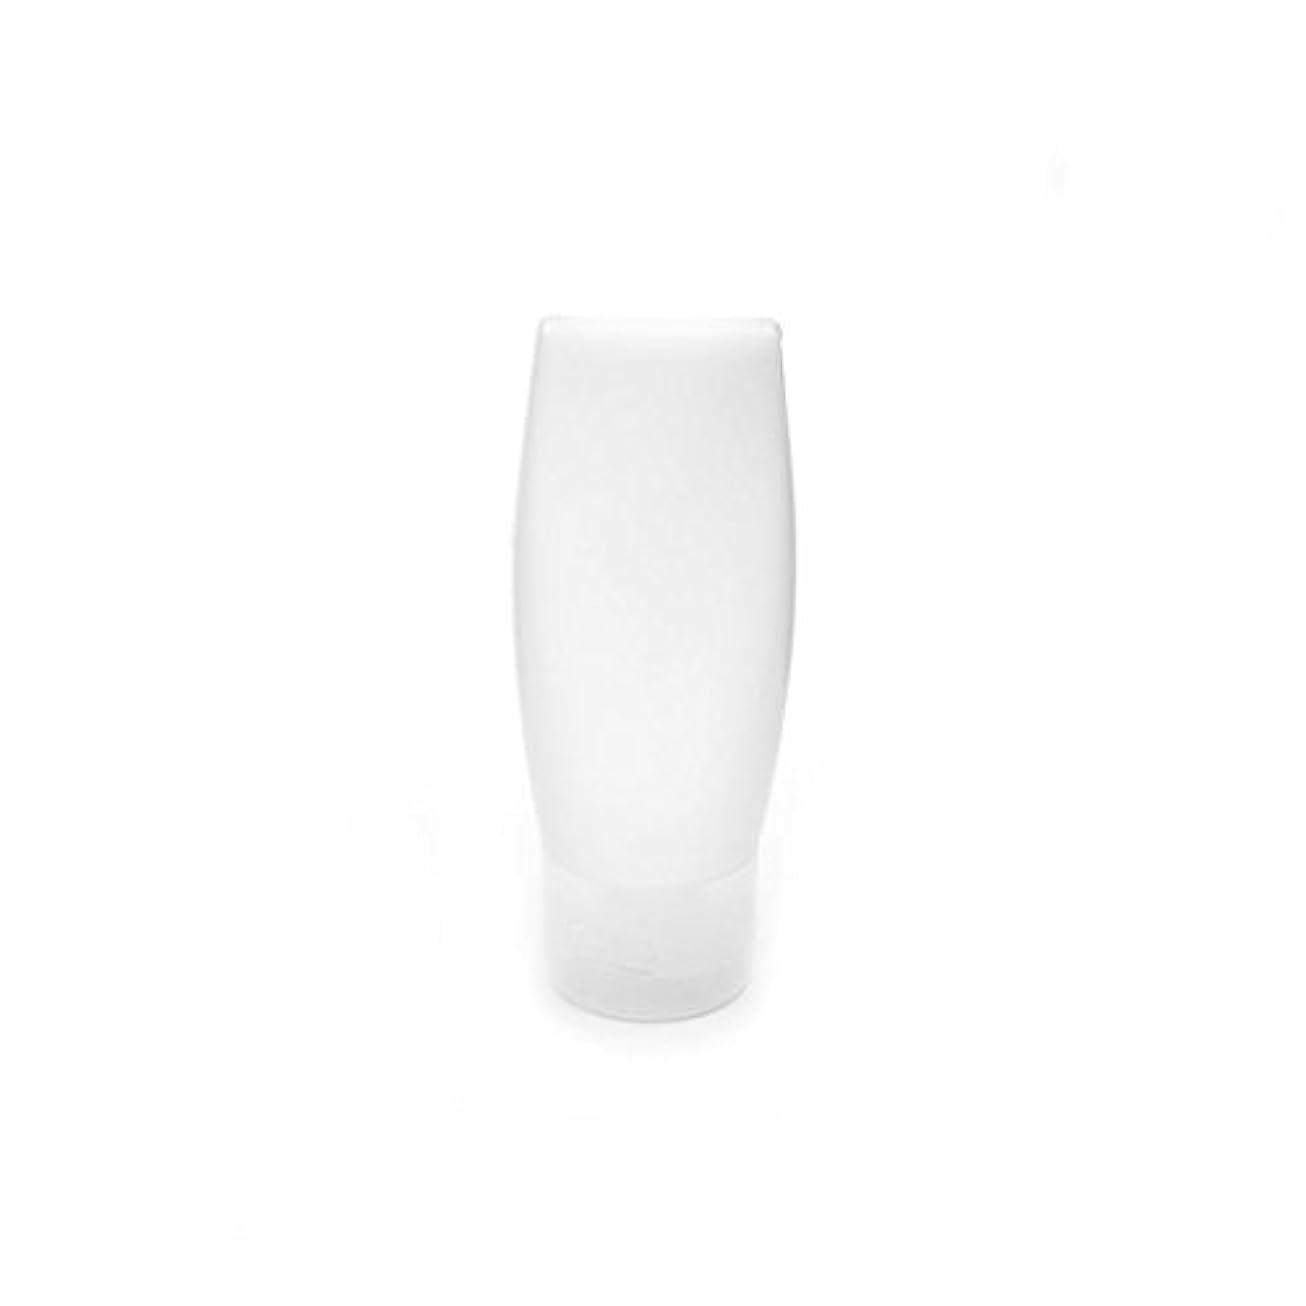 送った不健康話Angelakerry クリームチューブ 詰め替え容器 手作り化粧品 手作りコスメ ハンドクリーム ホワイト 30g 5本 [並行輸入品]